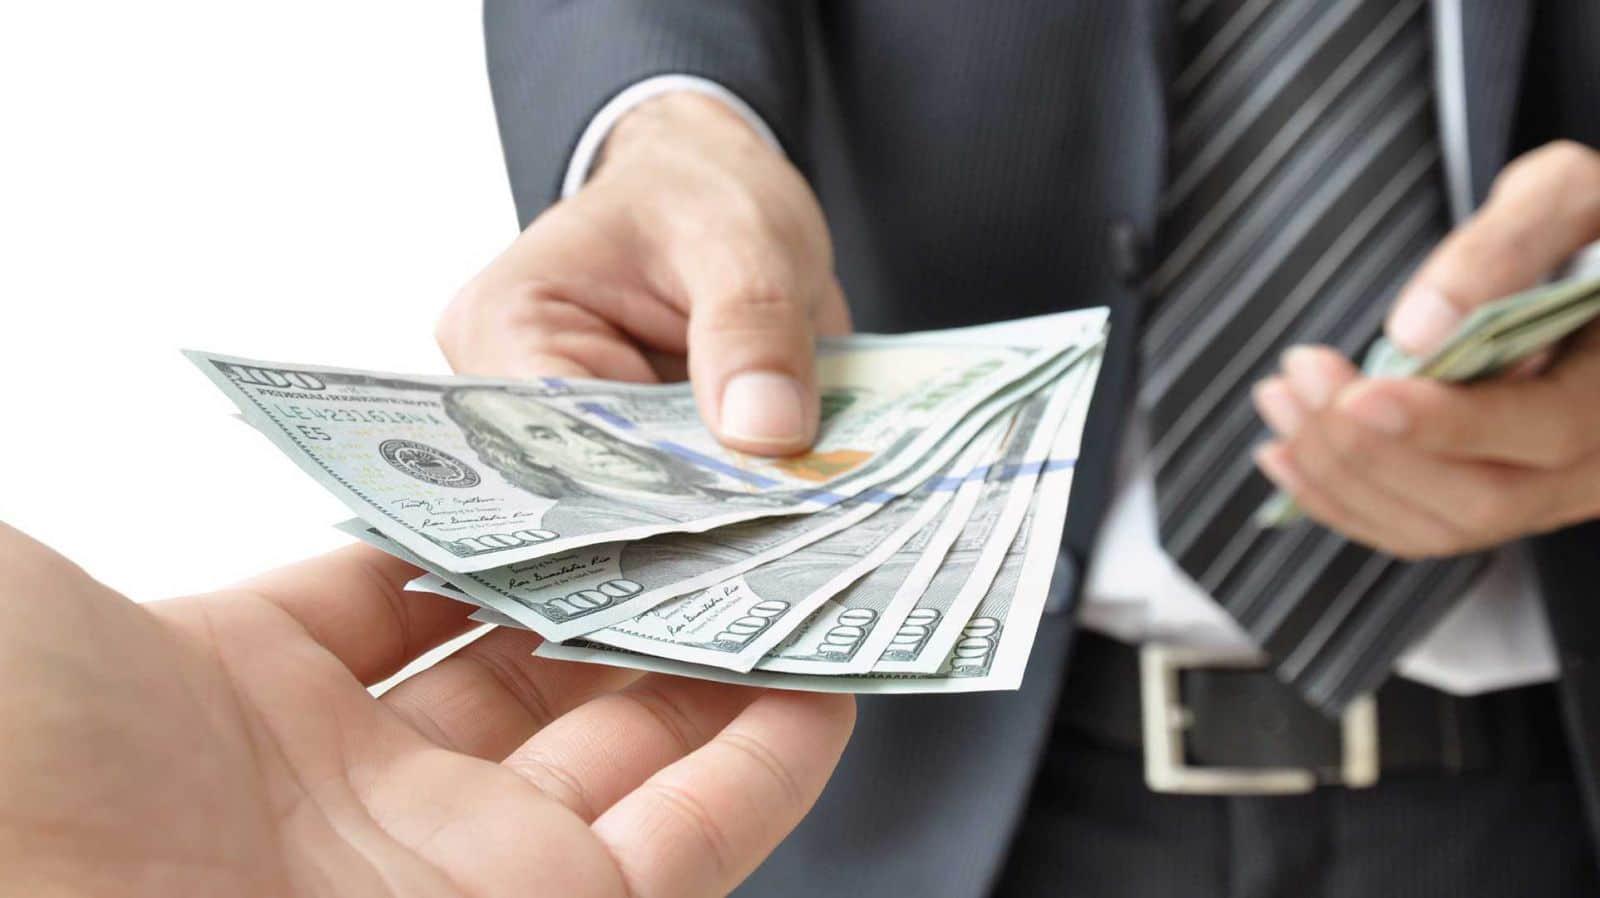 6 nguyên tắc vay-trả tiền để chị em công sở dễ bề nhìn mặt nhau dịp cuối năm